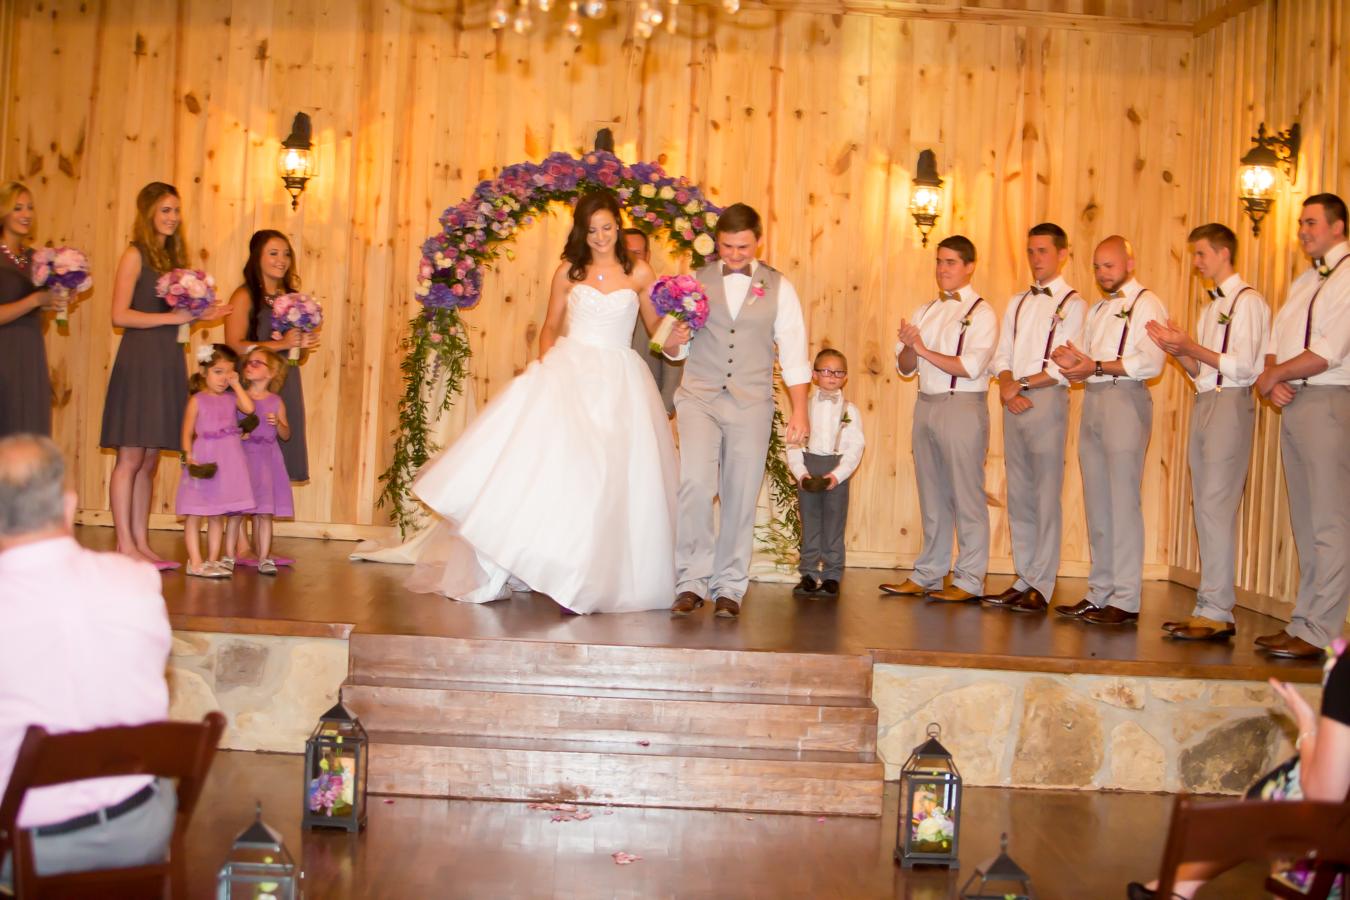 Edmond-wedding-photographer-61.jpg